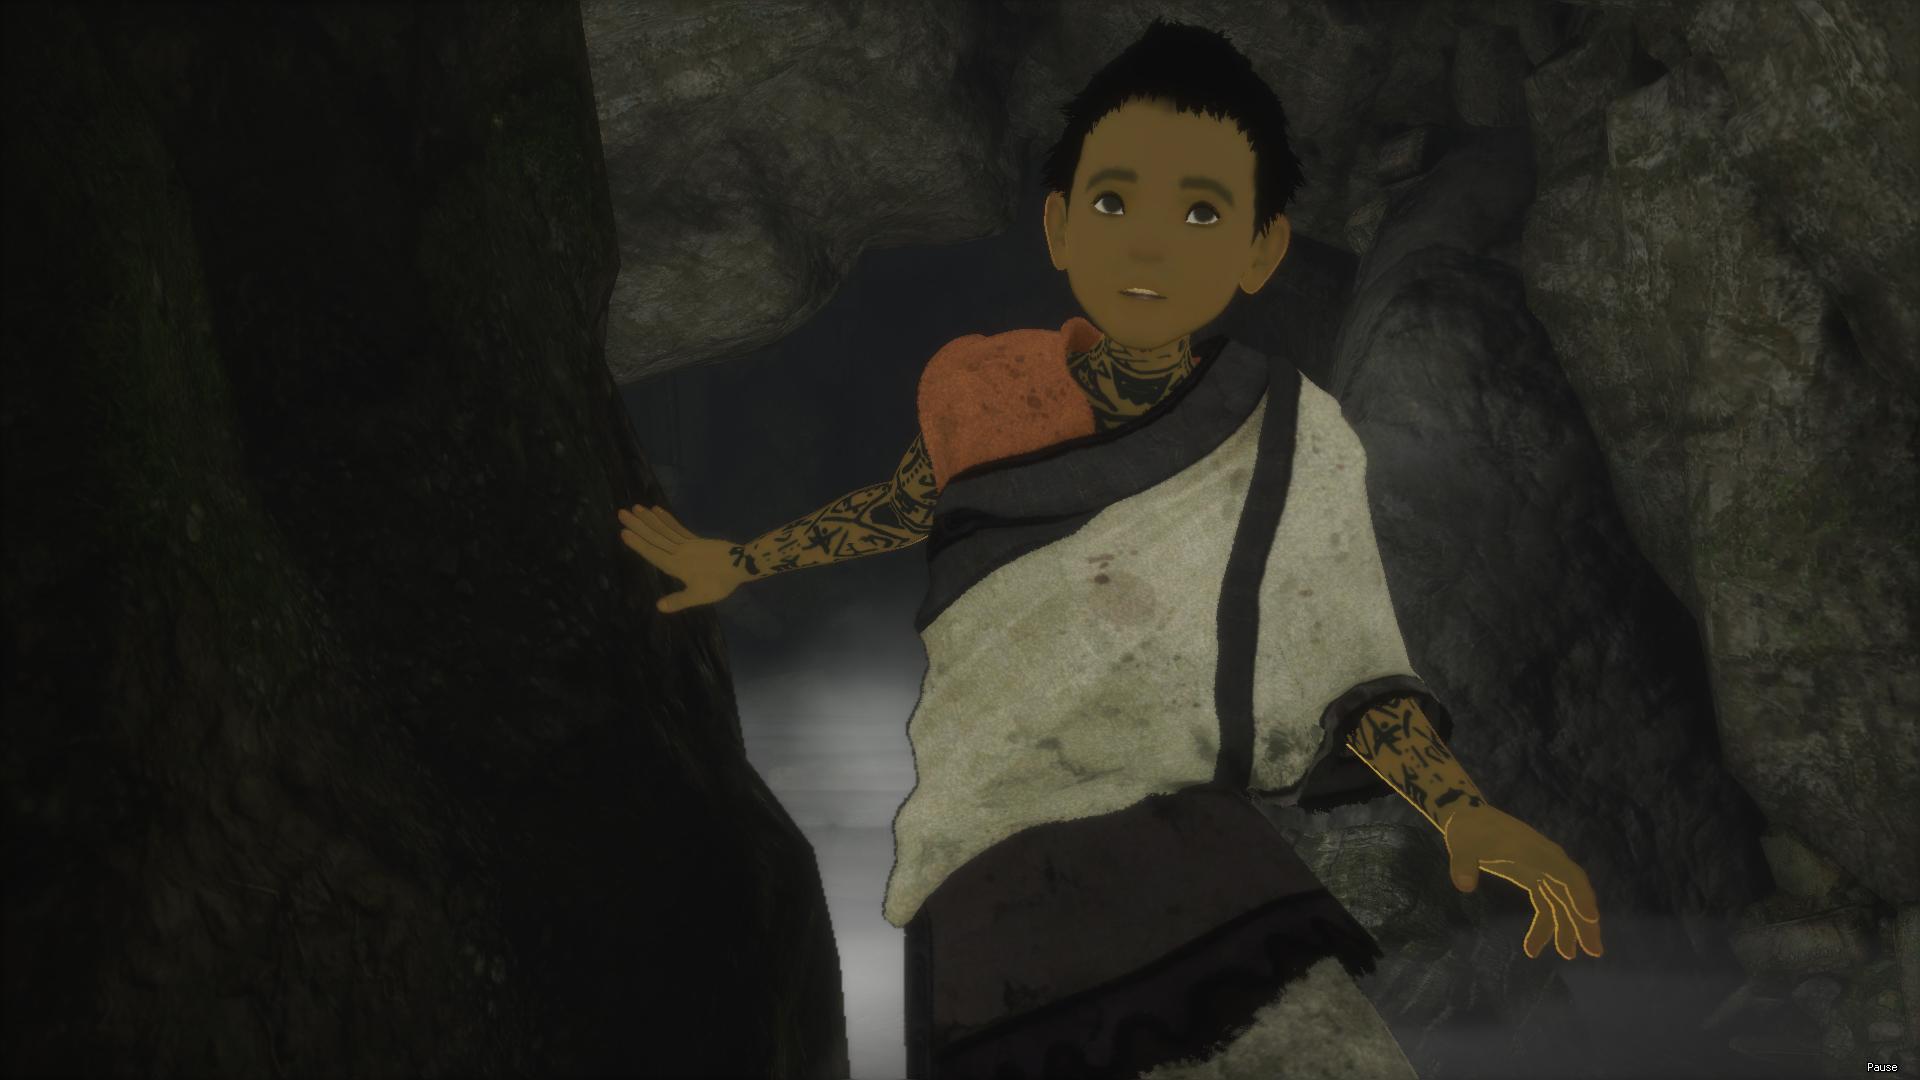 Last Guardian: tecnicamente limitado, mas ainda capaz de arrancar lágrimas